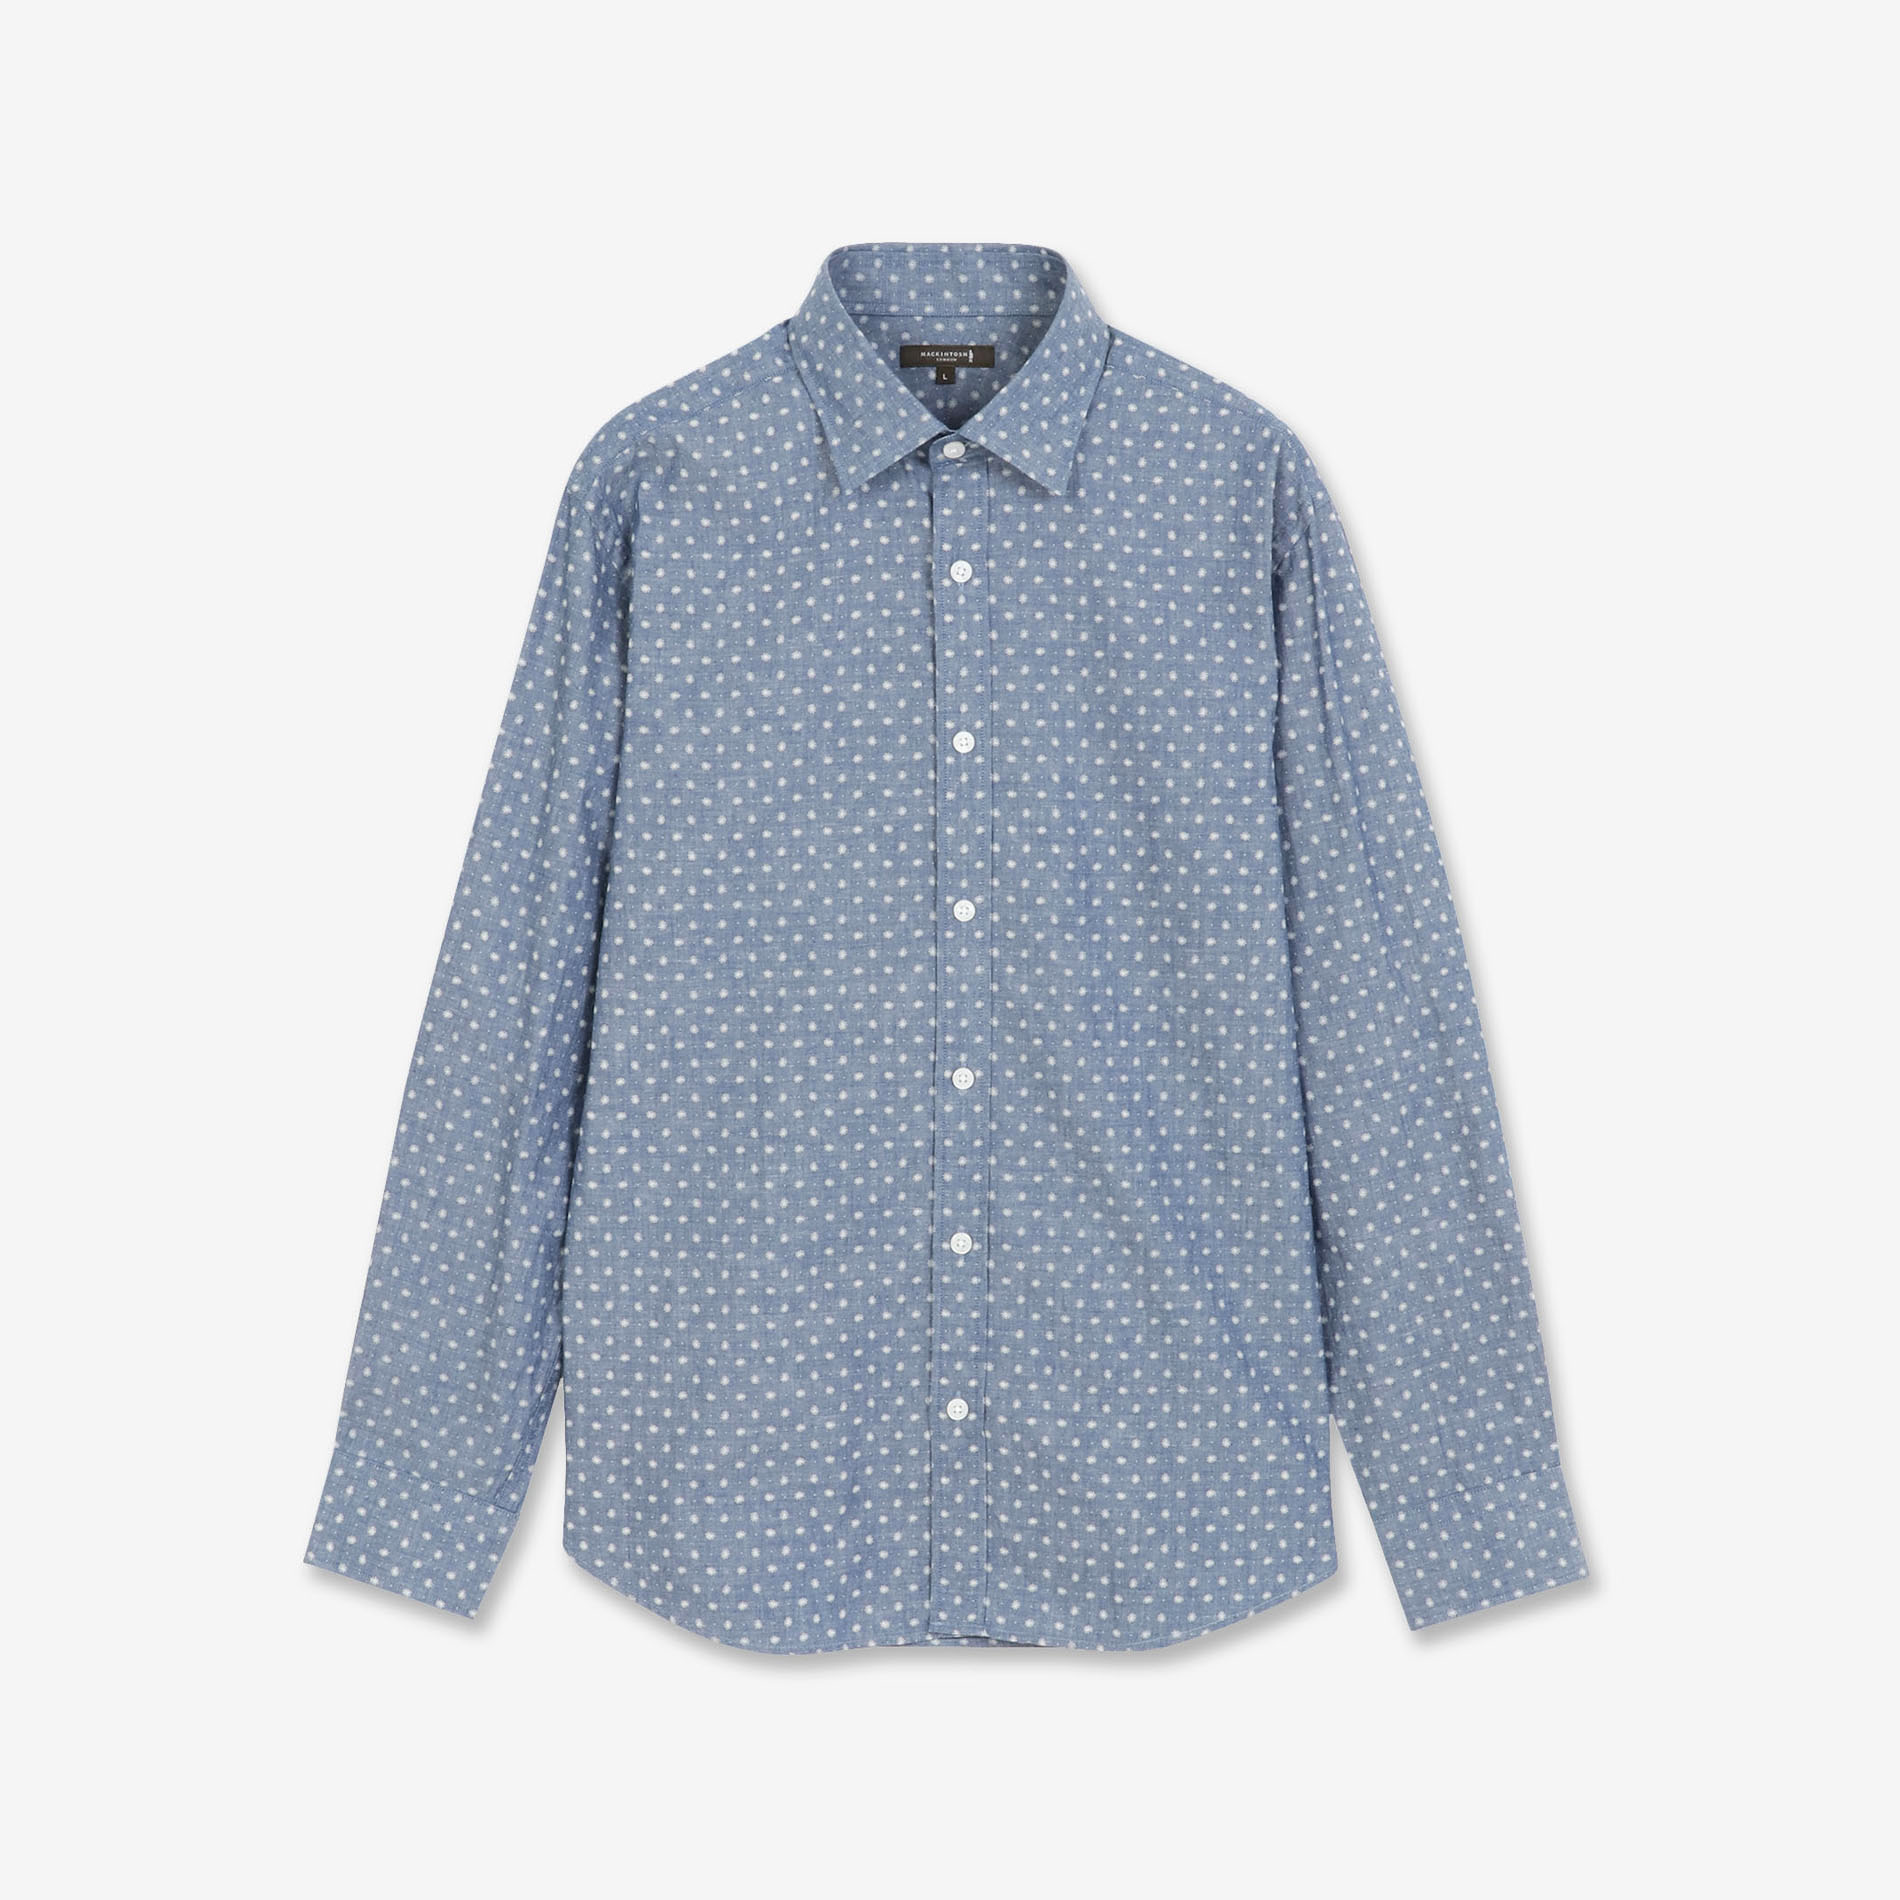 ★★デニム小紋プリントシャツ